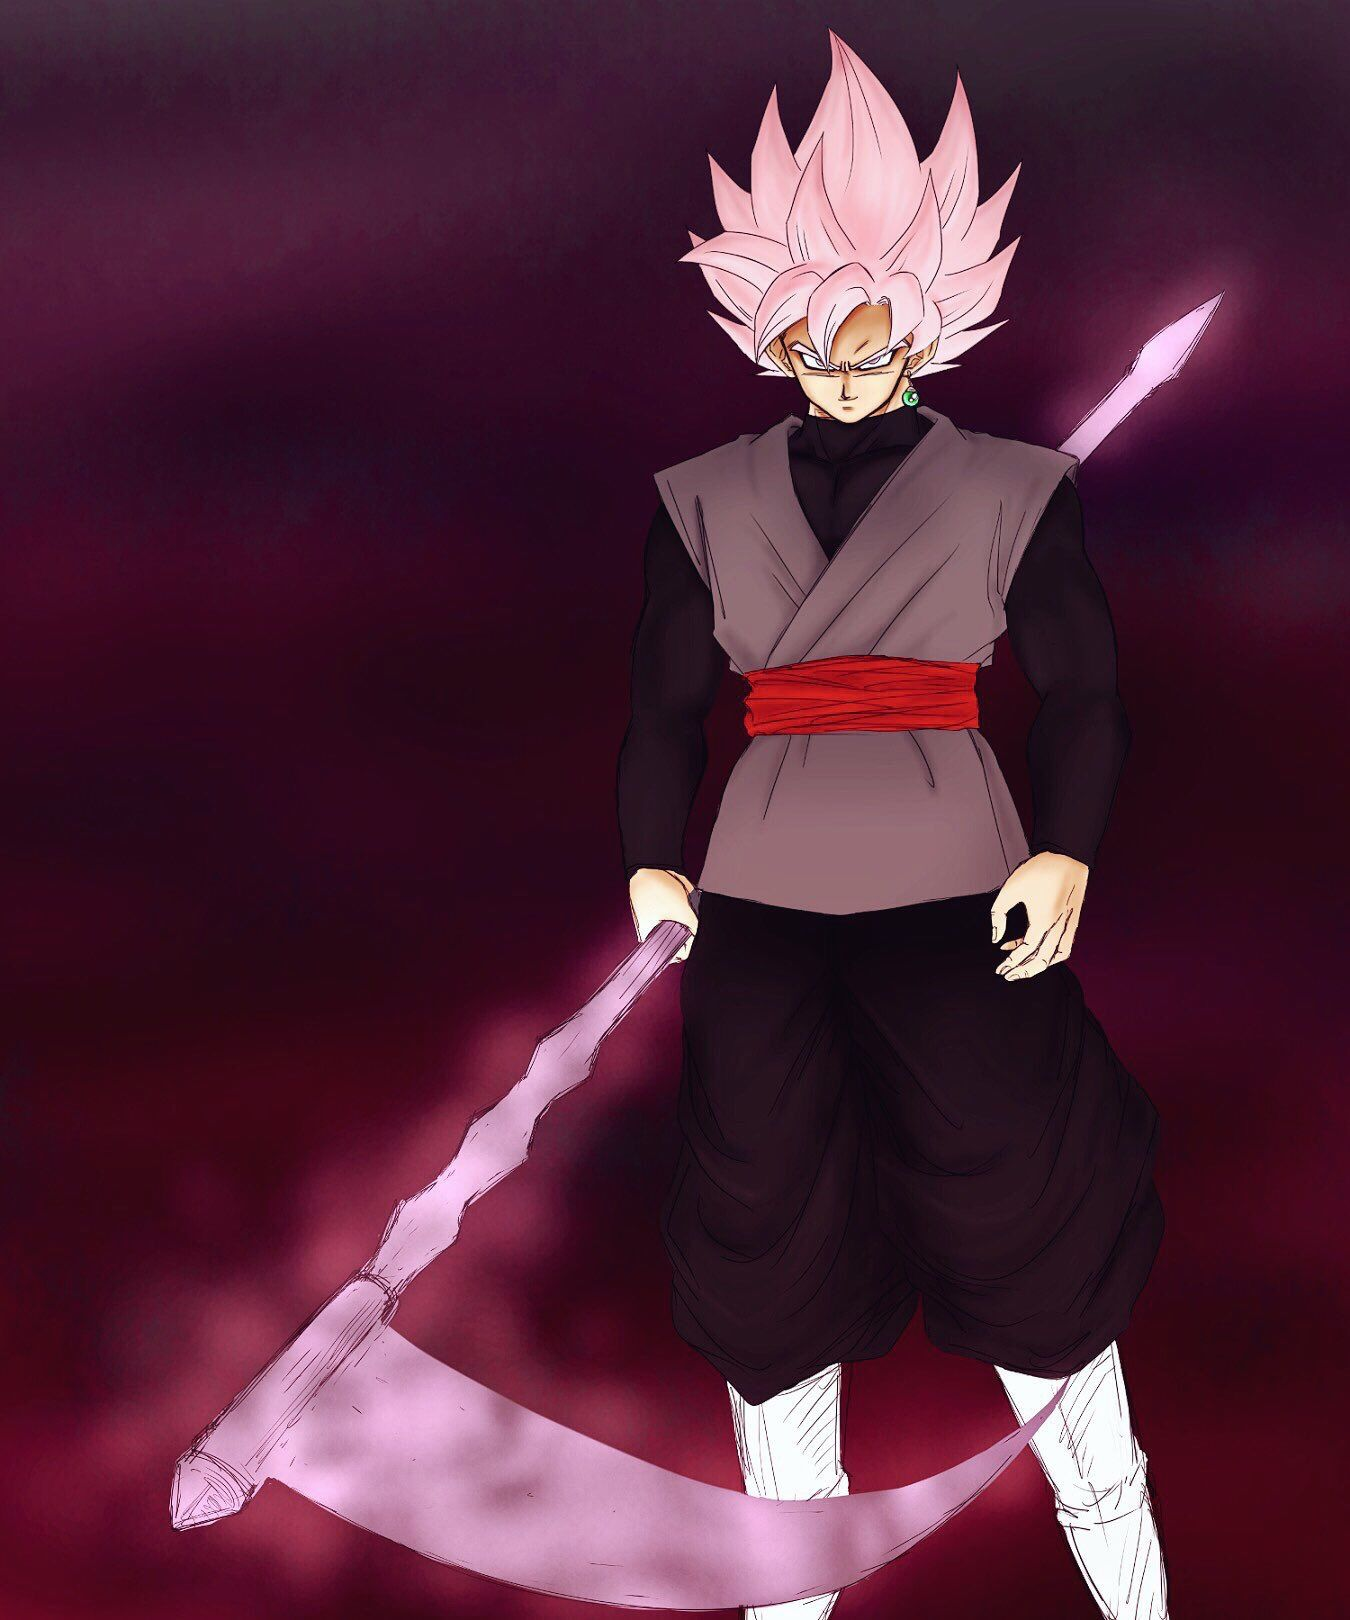 Blackgoku Scythe Goku Black Super Saiyan Rose